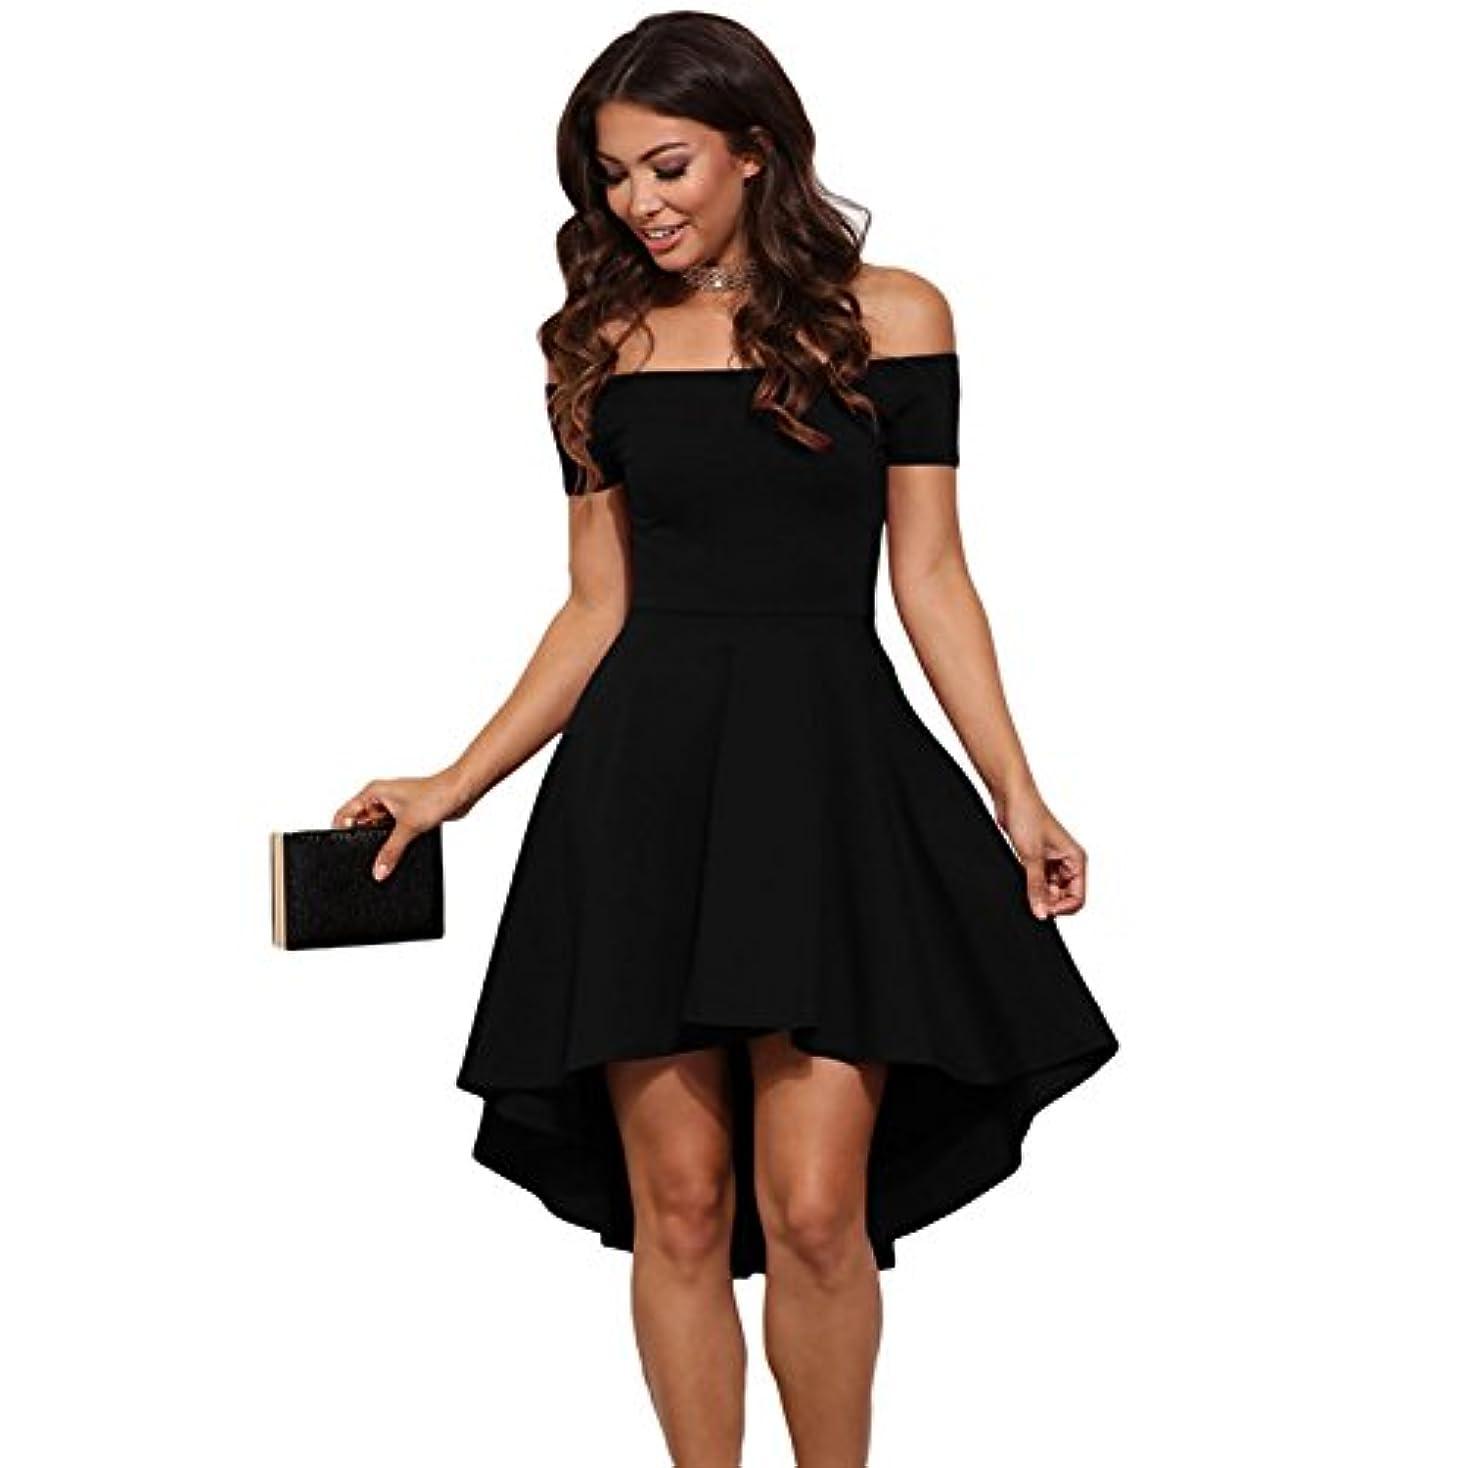 対象呼びかける松の木Onderroa - ヴィンテージ女性のセクシーなスラッシュネックソリッドカラーパーティー秋の新しいファッションAライン黒赤ワイン膝丈のドレスドレス